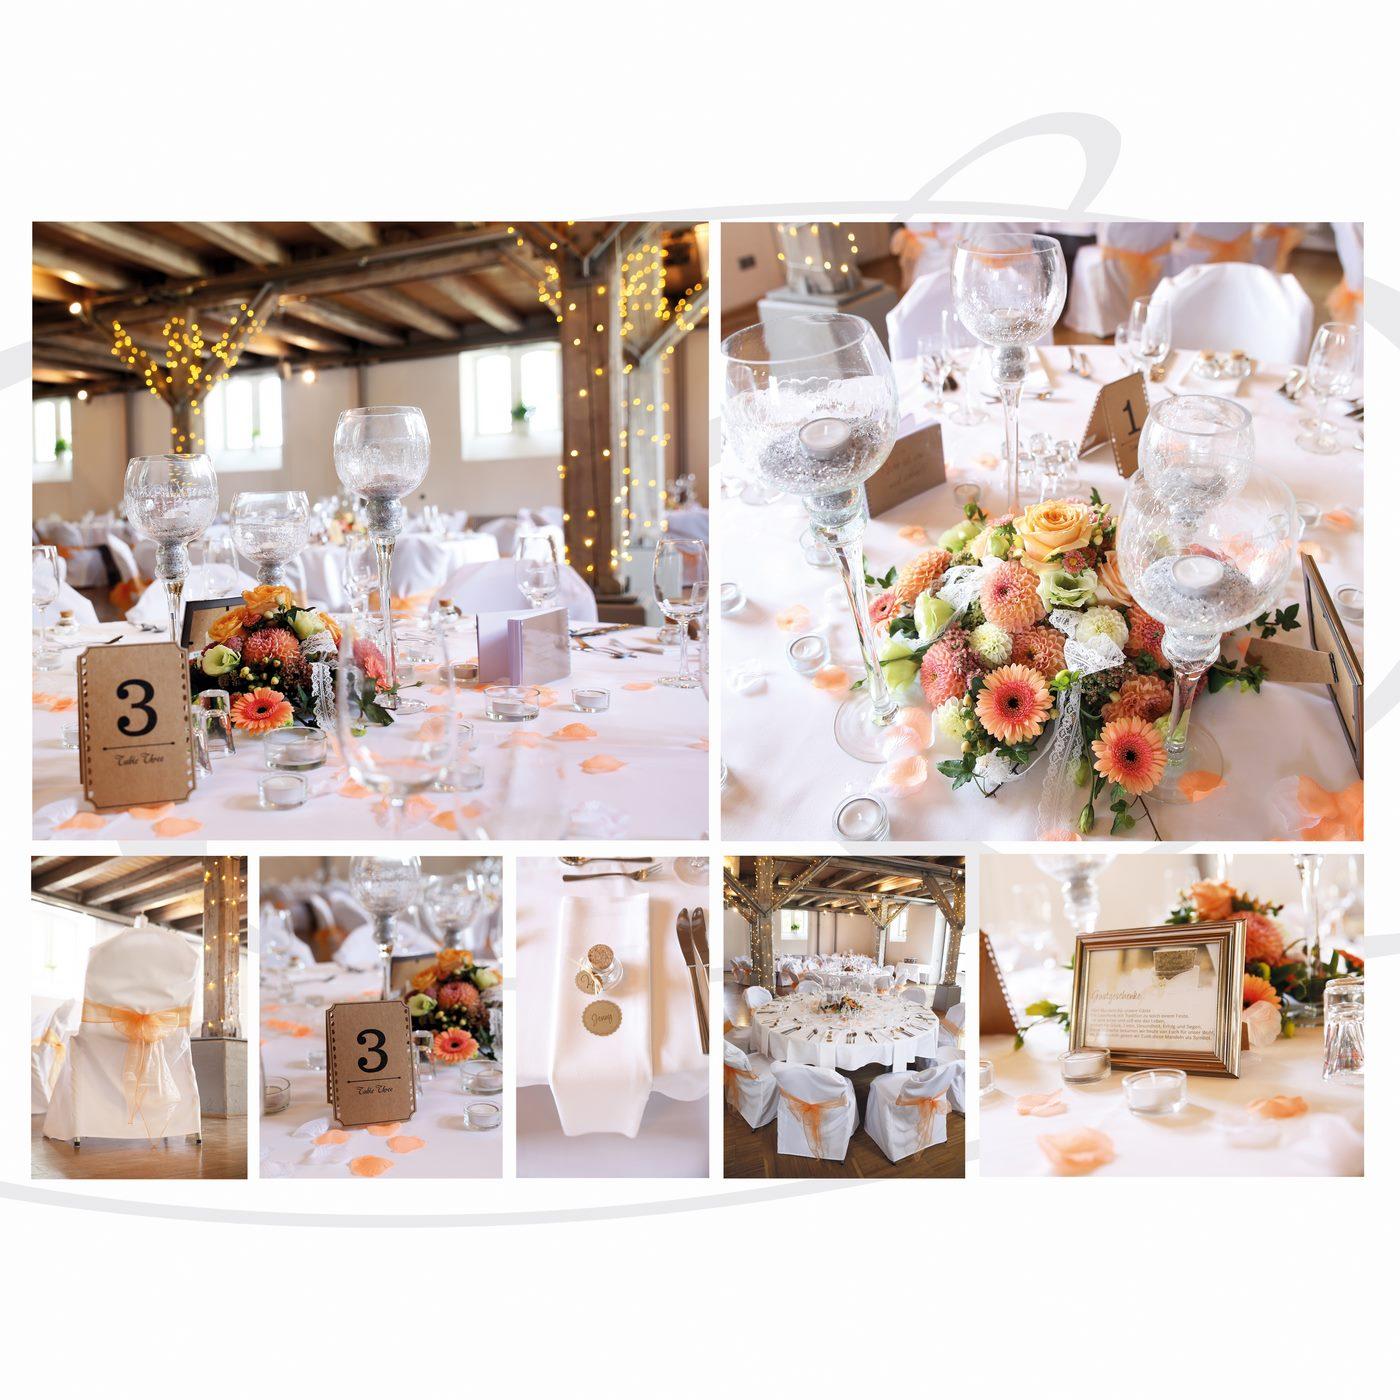 Hochzeitsdekoration im Zollhaus Ludwigshafen mit Lichterkette